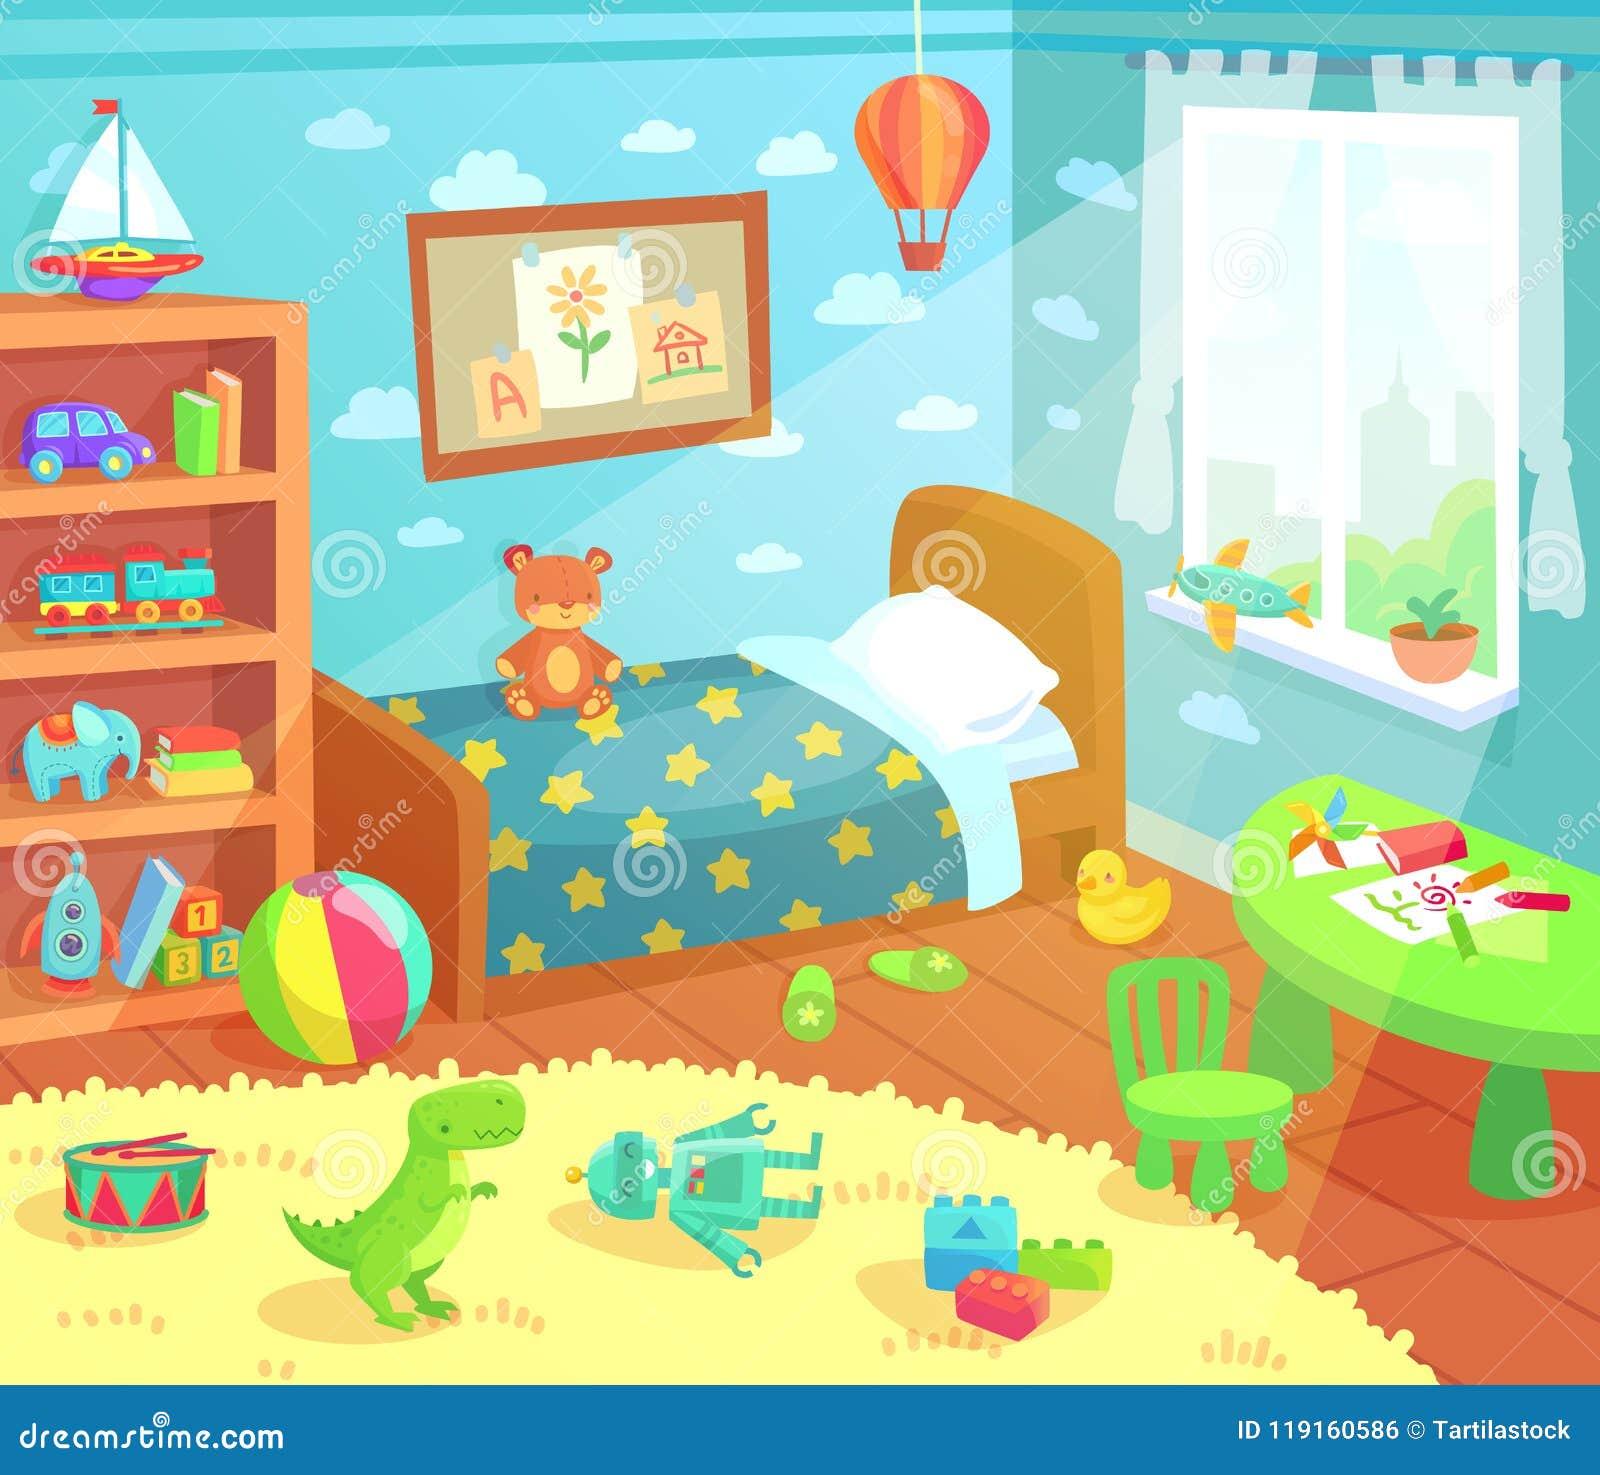 La historieta embroma el interior del dormitorio El sitio de niños casero con la cama del niño, los juguetes del niño y la luz de